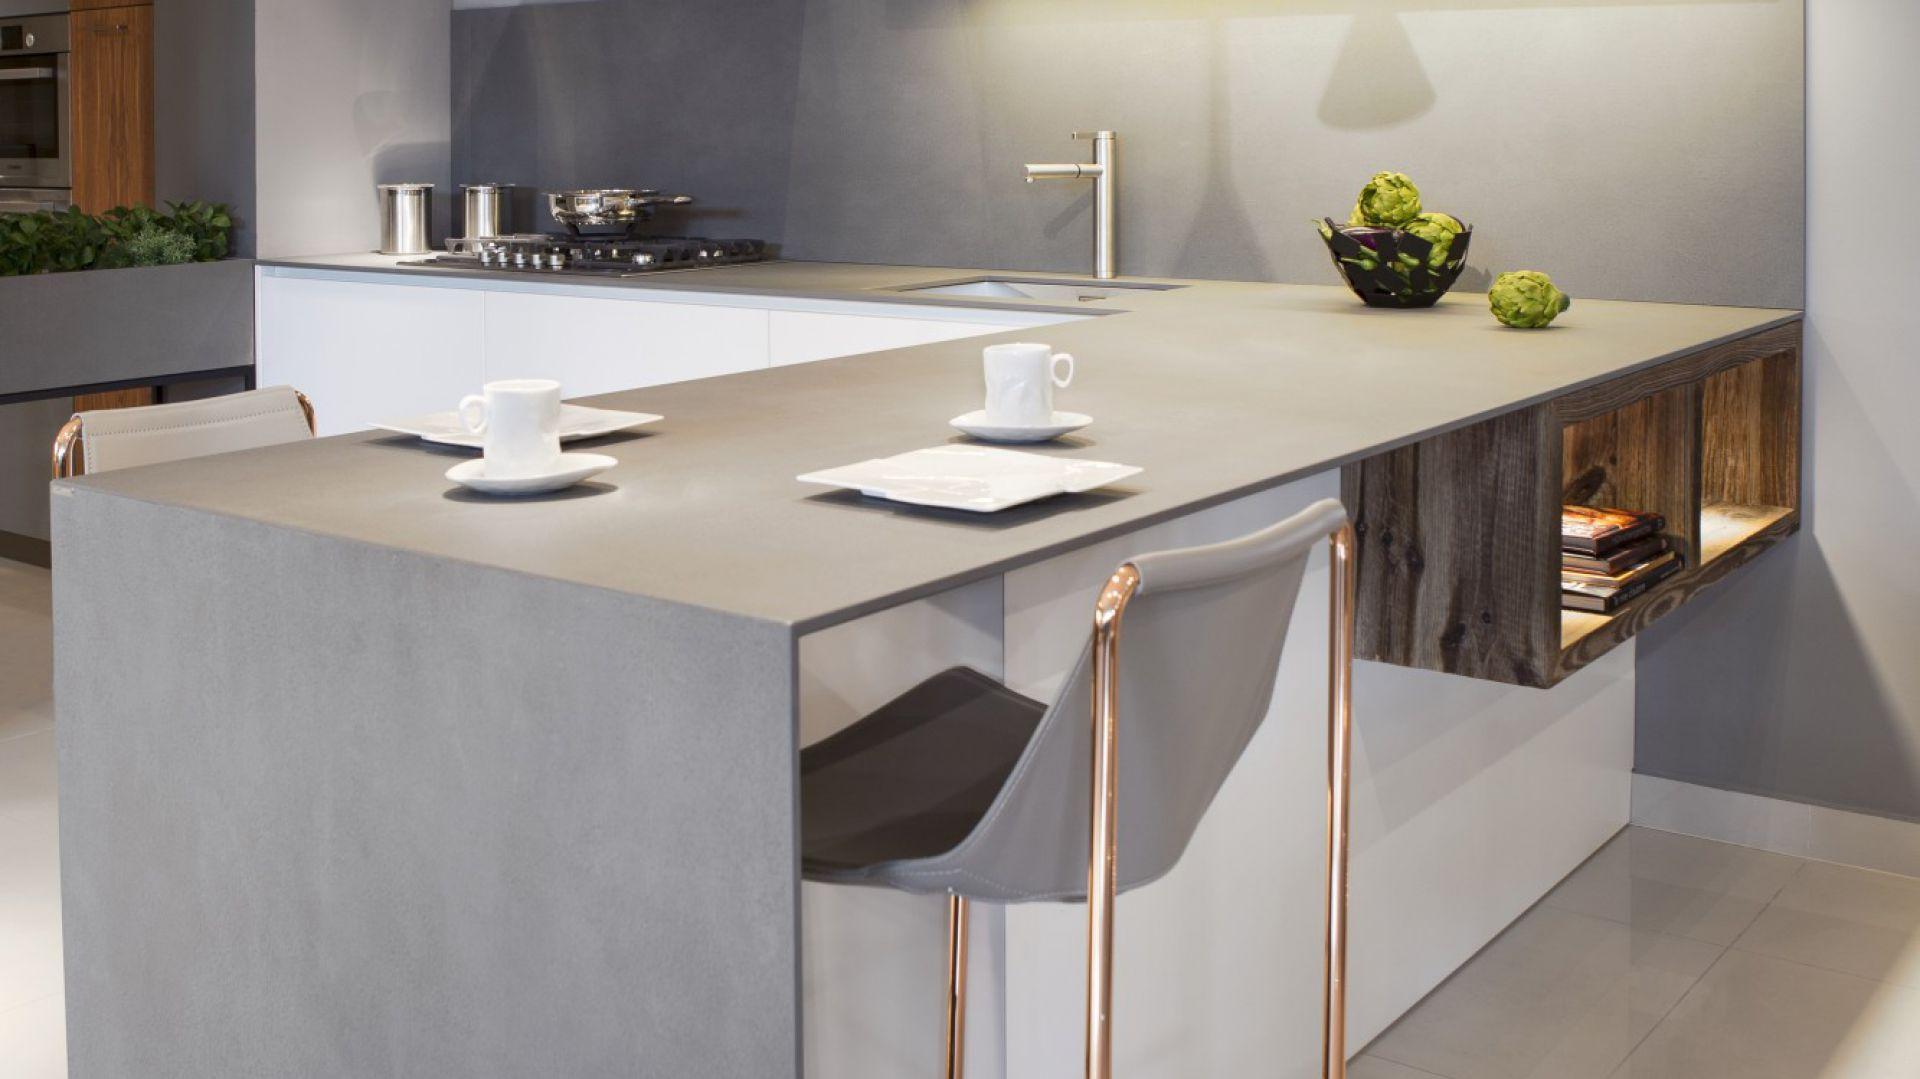 Quarz Solide Küche Oberfläche Schneeweißen Kristall Quarz